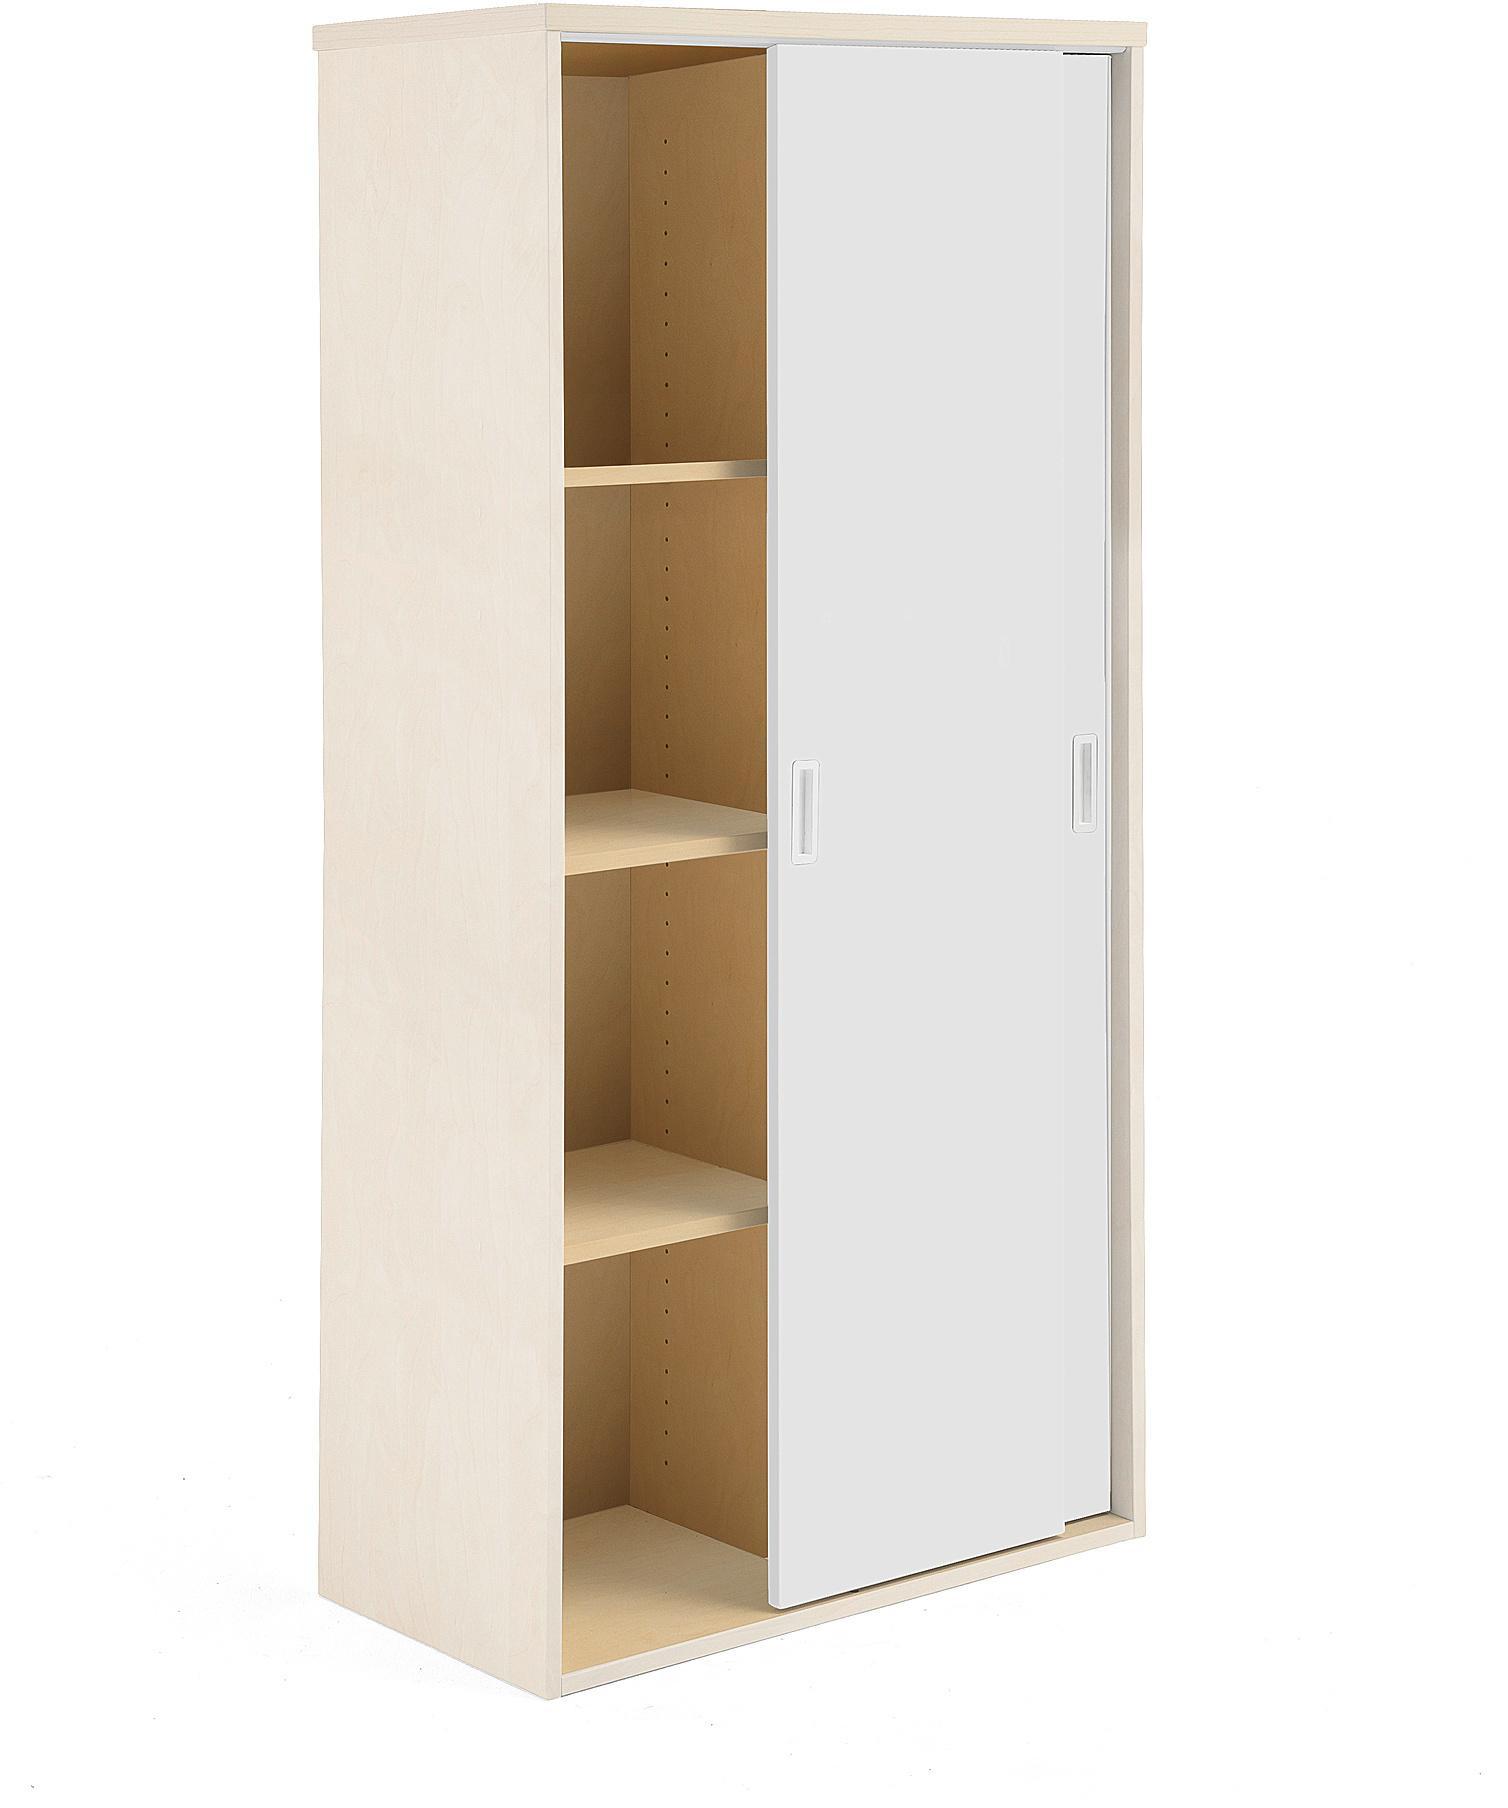 Kancelárska skriňa Modulus s posuvnými dverami, 1600x800 mm, breza / biela